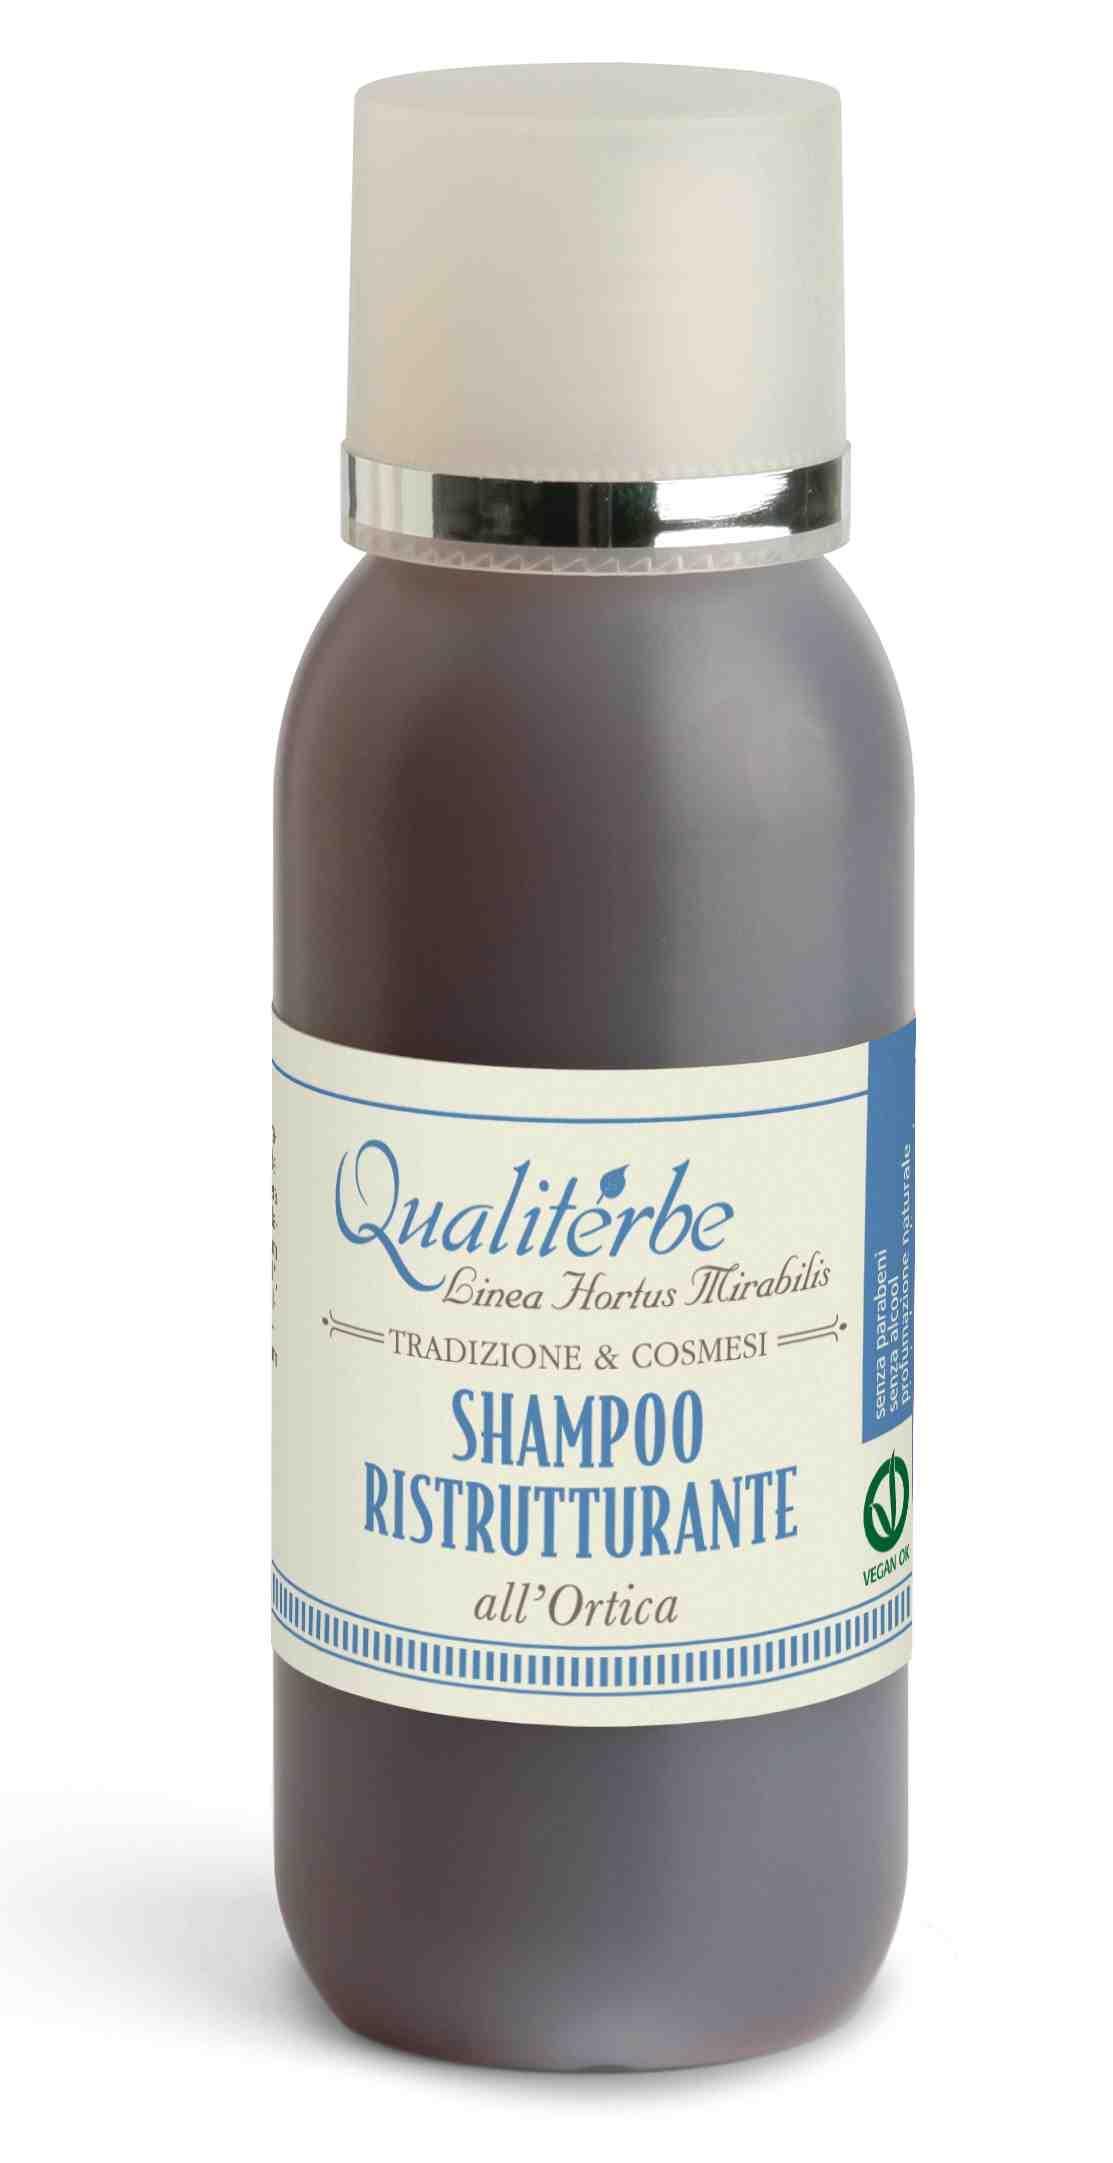 Shampoo ristrutturante al succo di Ortica 75%